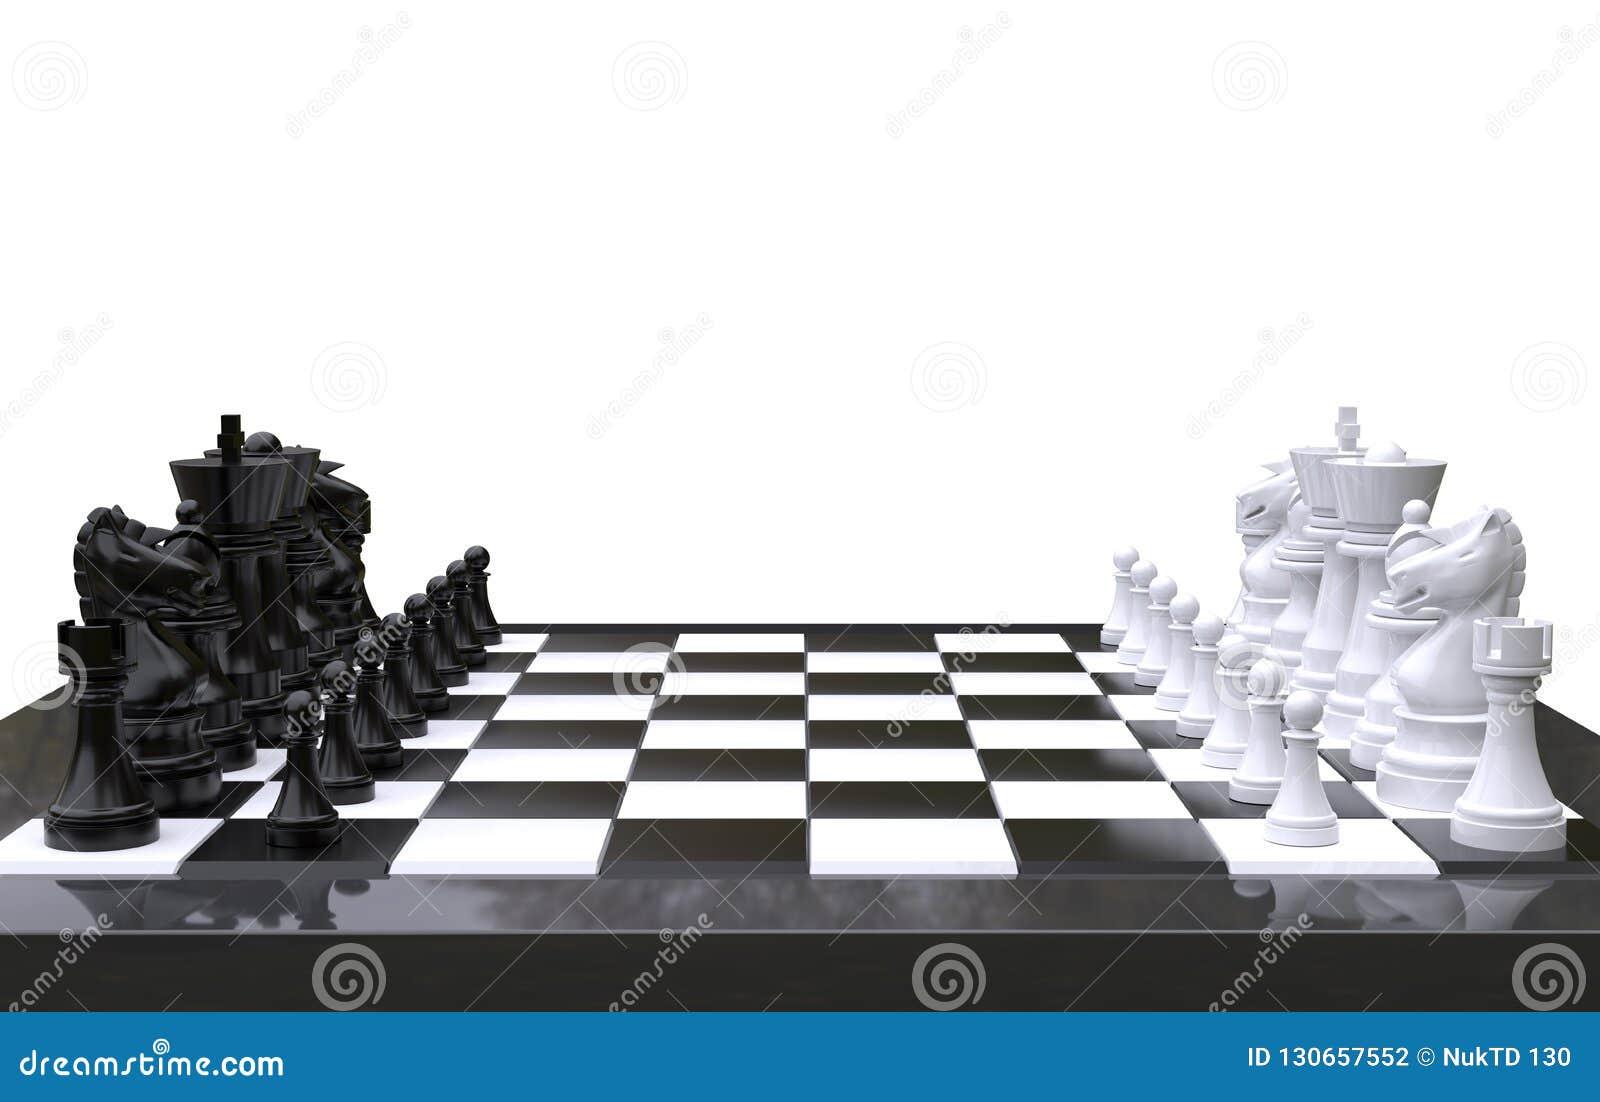 3d, das Schach auf einem Schachbrett, lokalisierten weißen Hintergrund überträgt